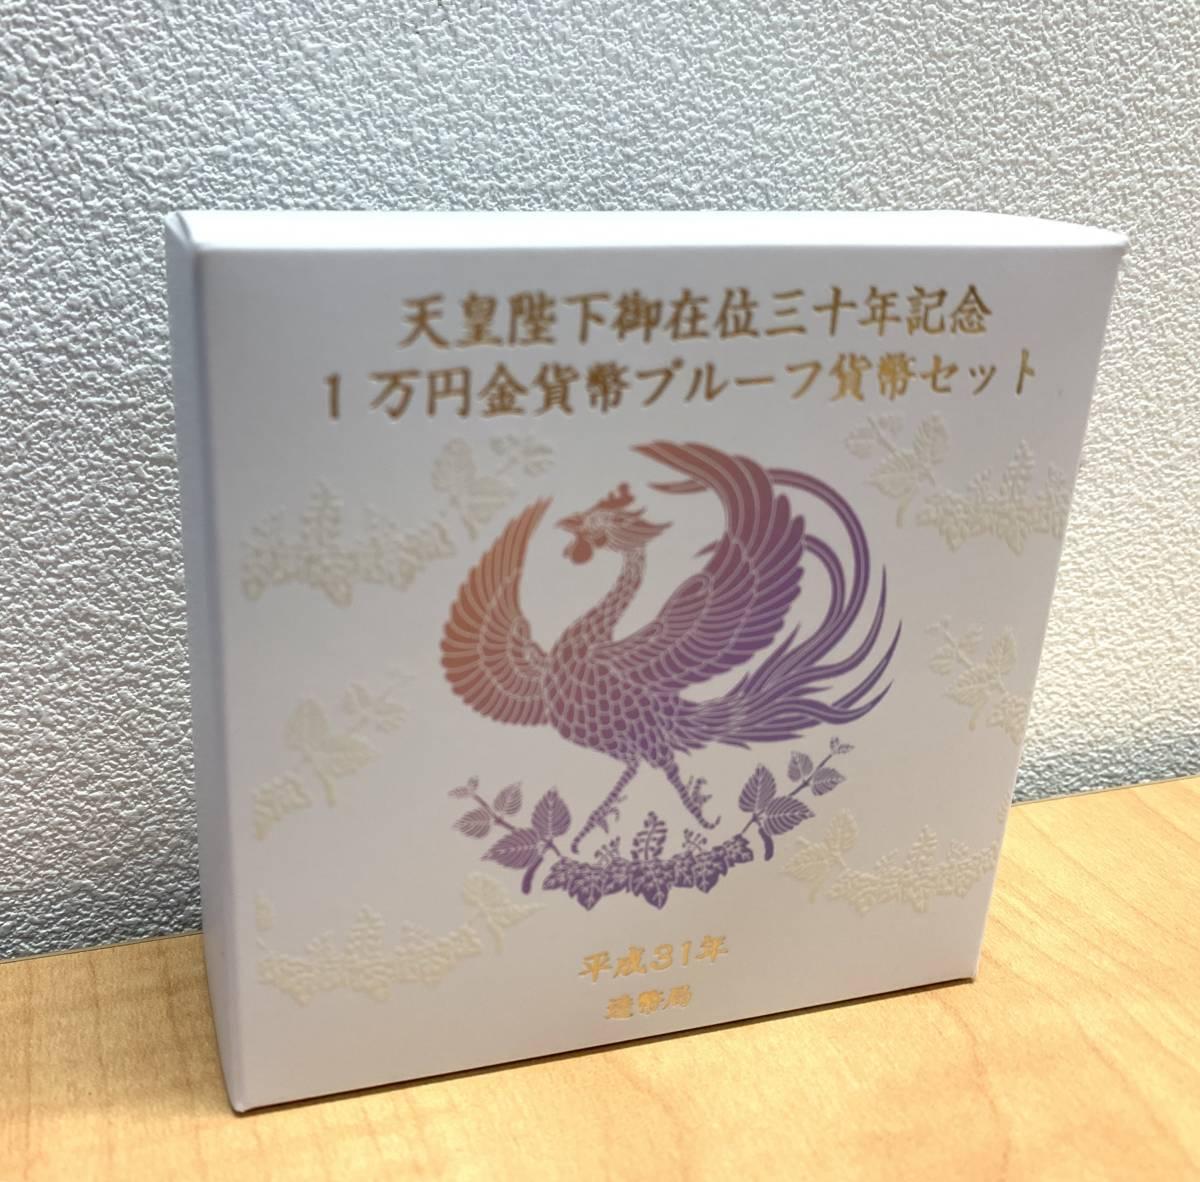 1円~ 天皇陛下御在位30年記念 1万円金貨 単体セット 20g 未開封_画像6